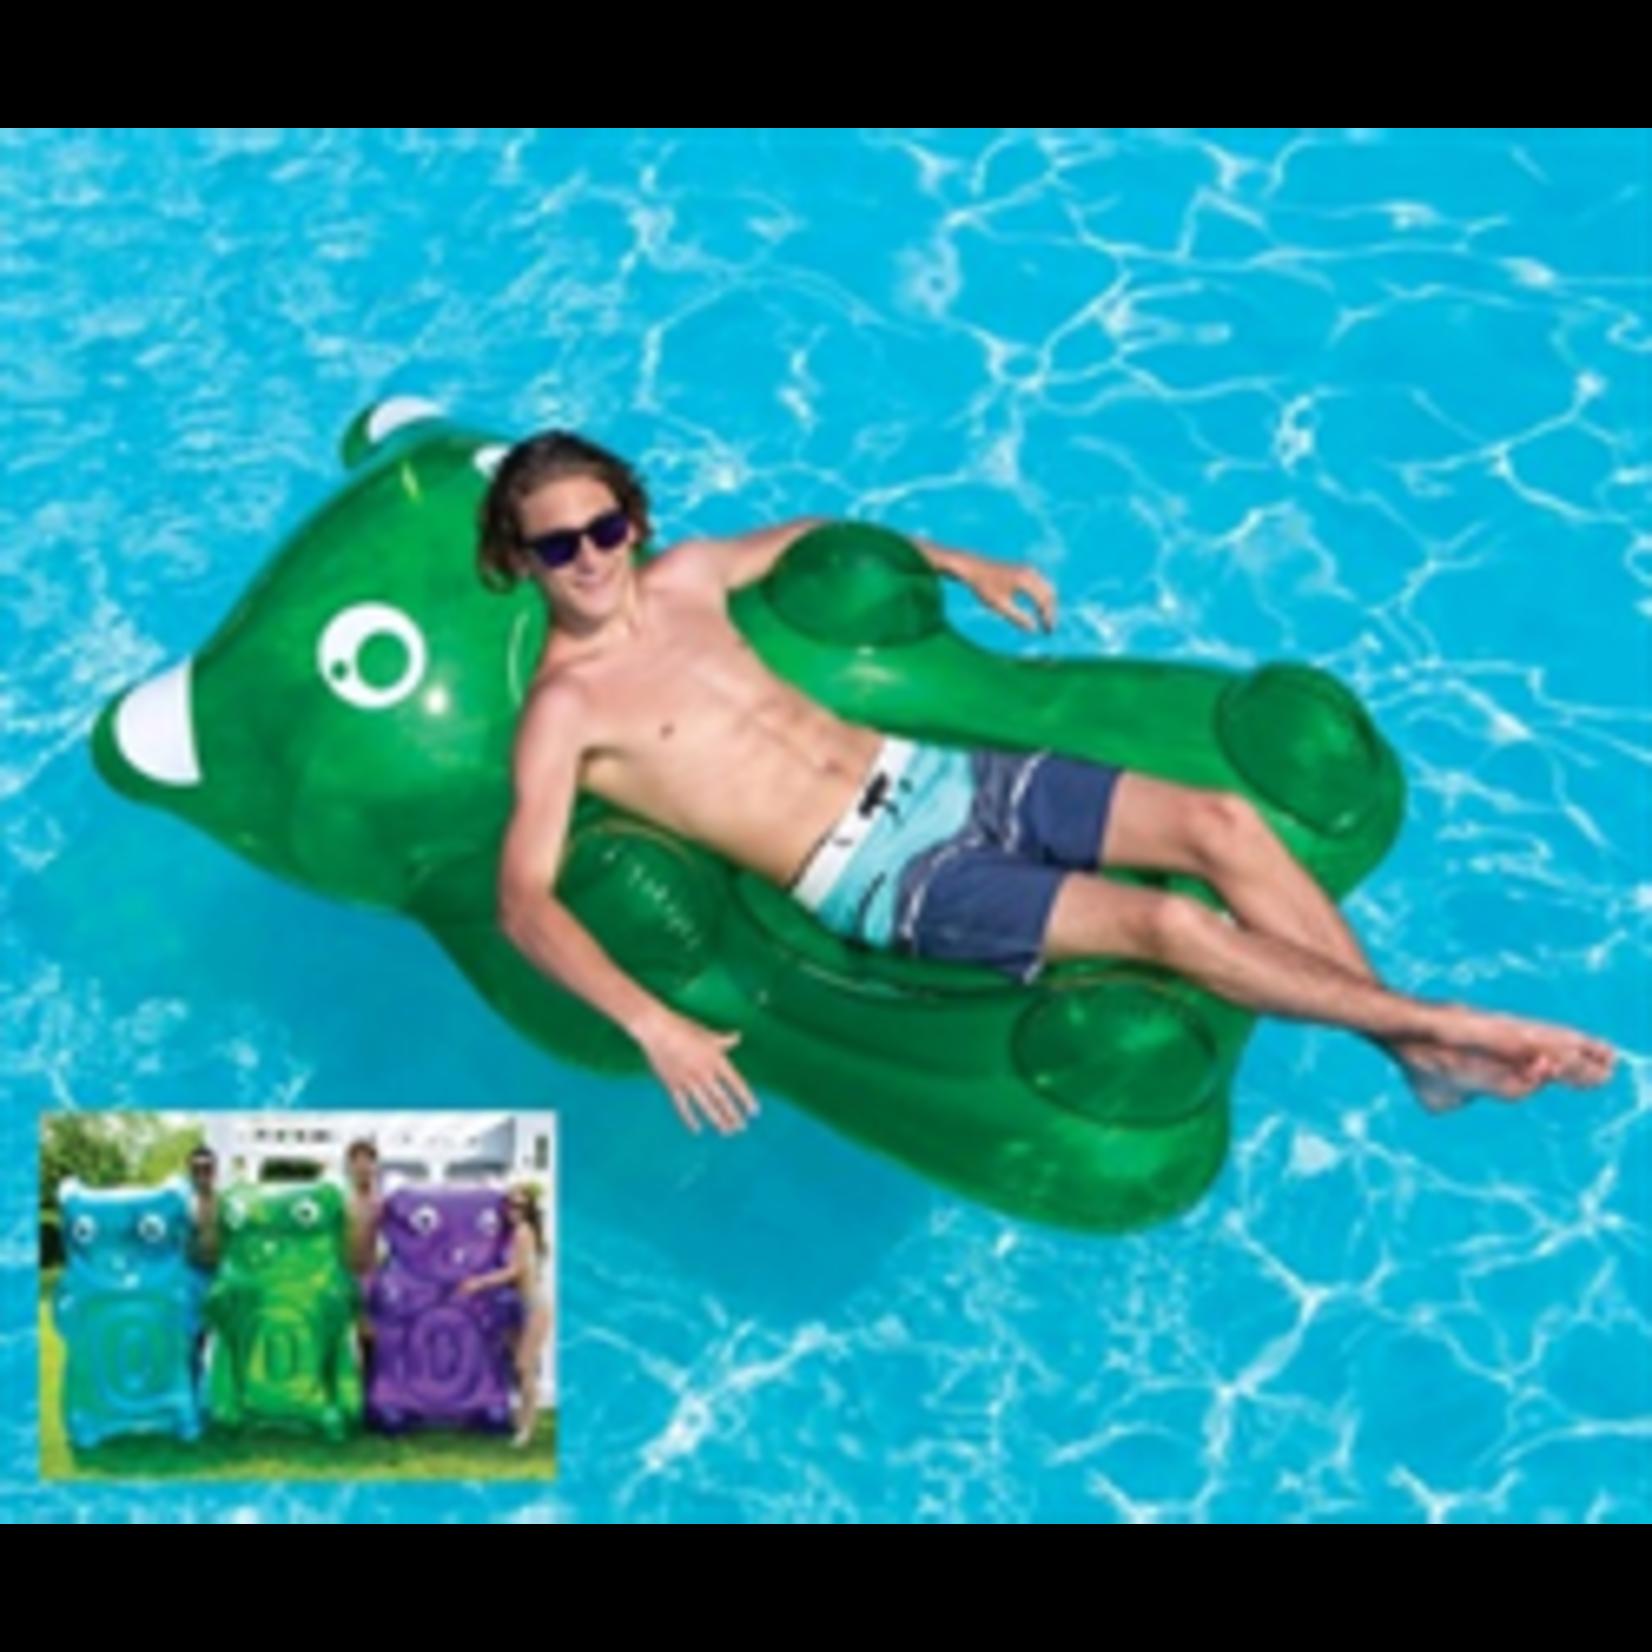 Swimline SWIMLINE GUMMYBEAR FLOAT